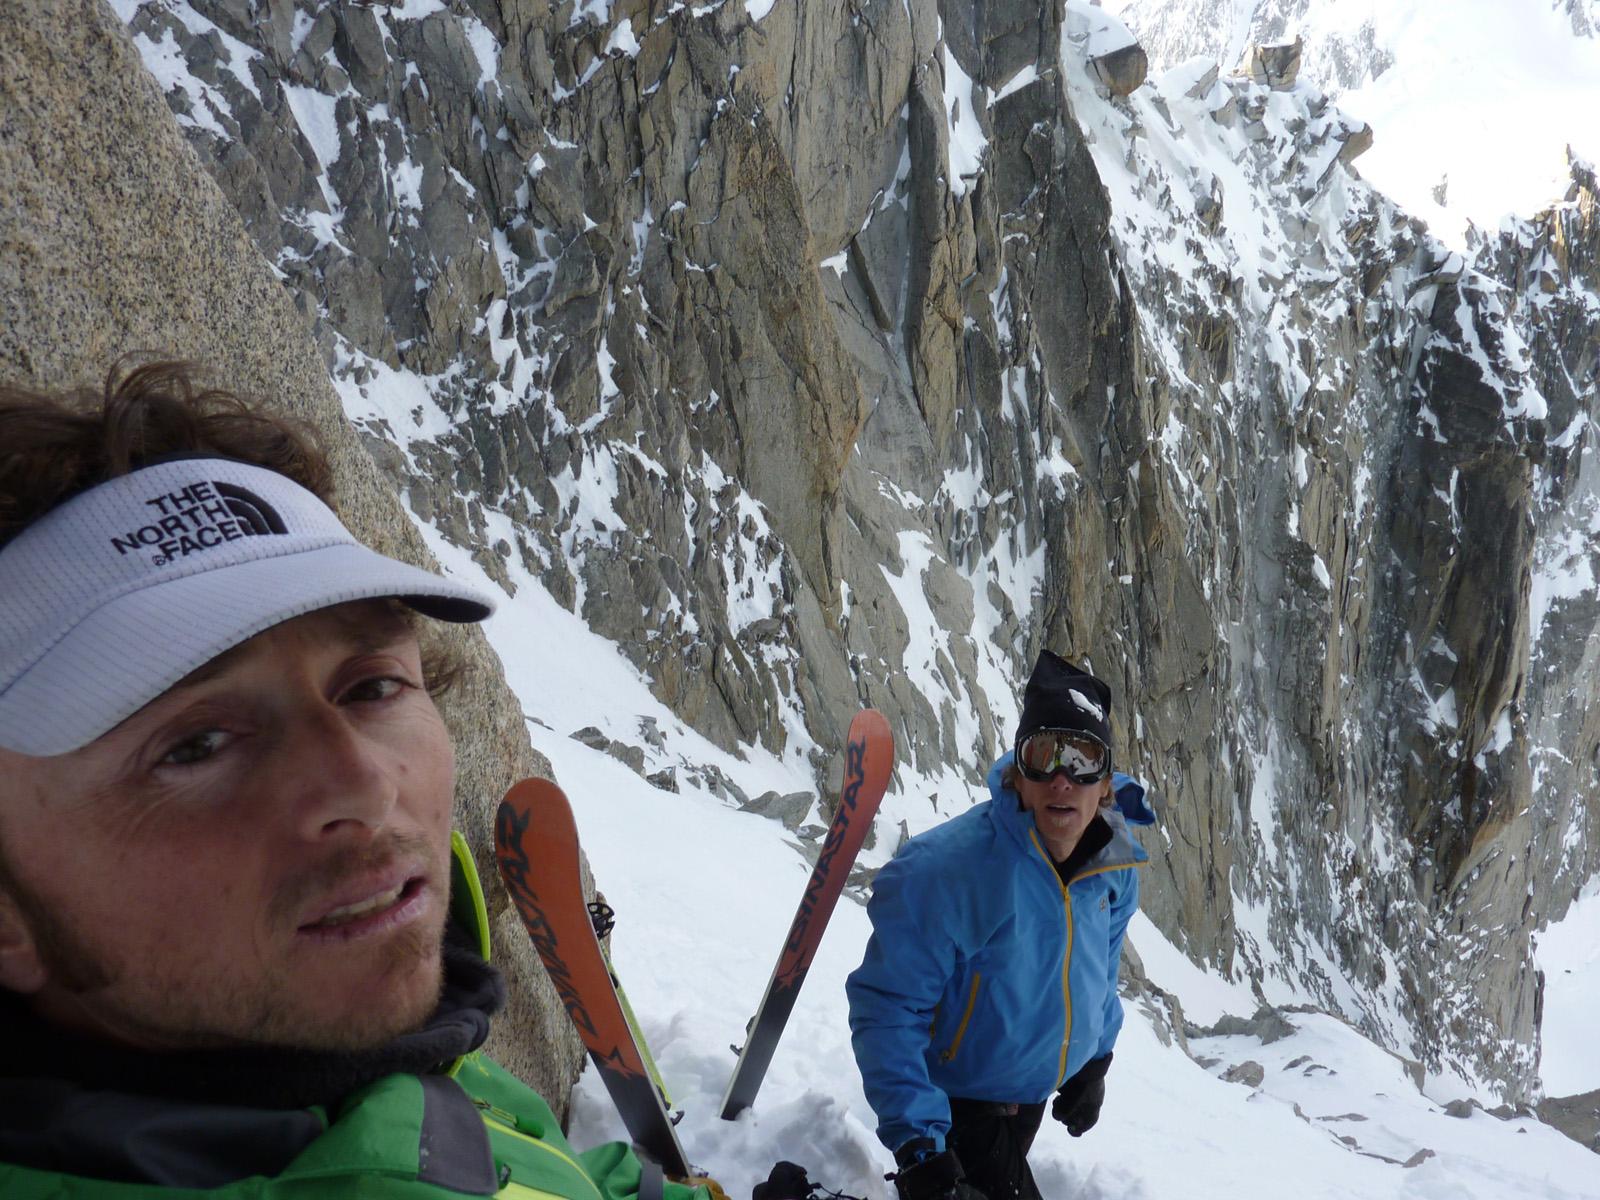 L'alpinista snowborder Davide Capozzi fa il bis sul Monte Bianco